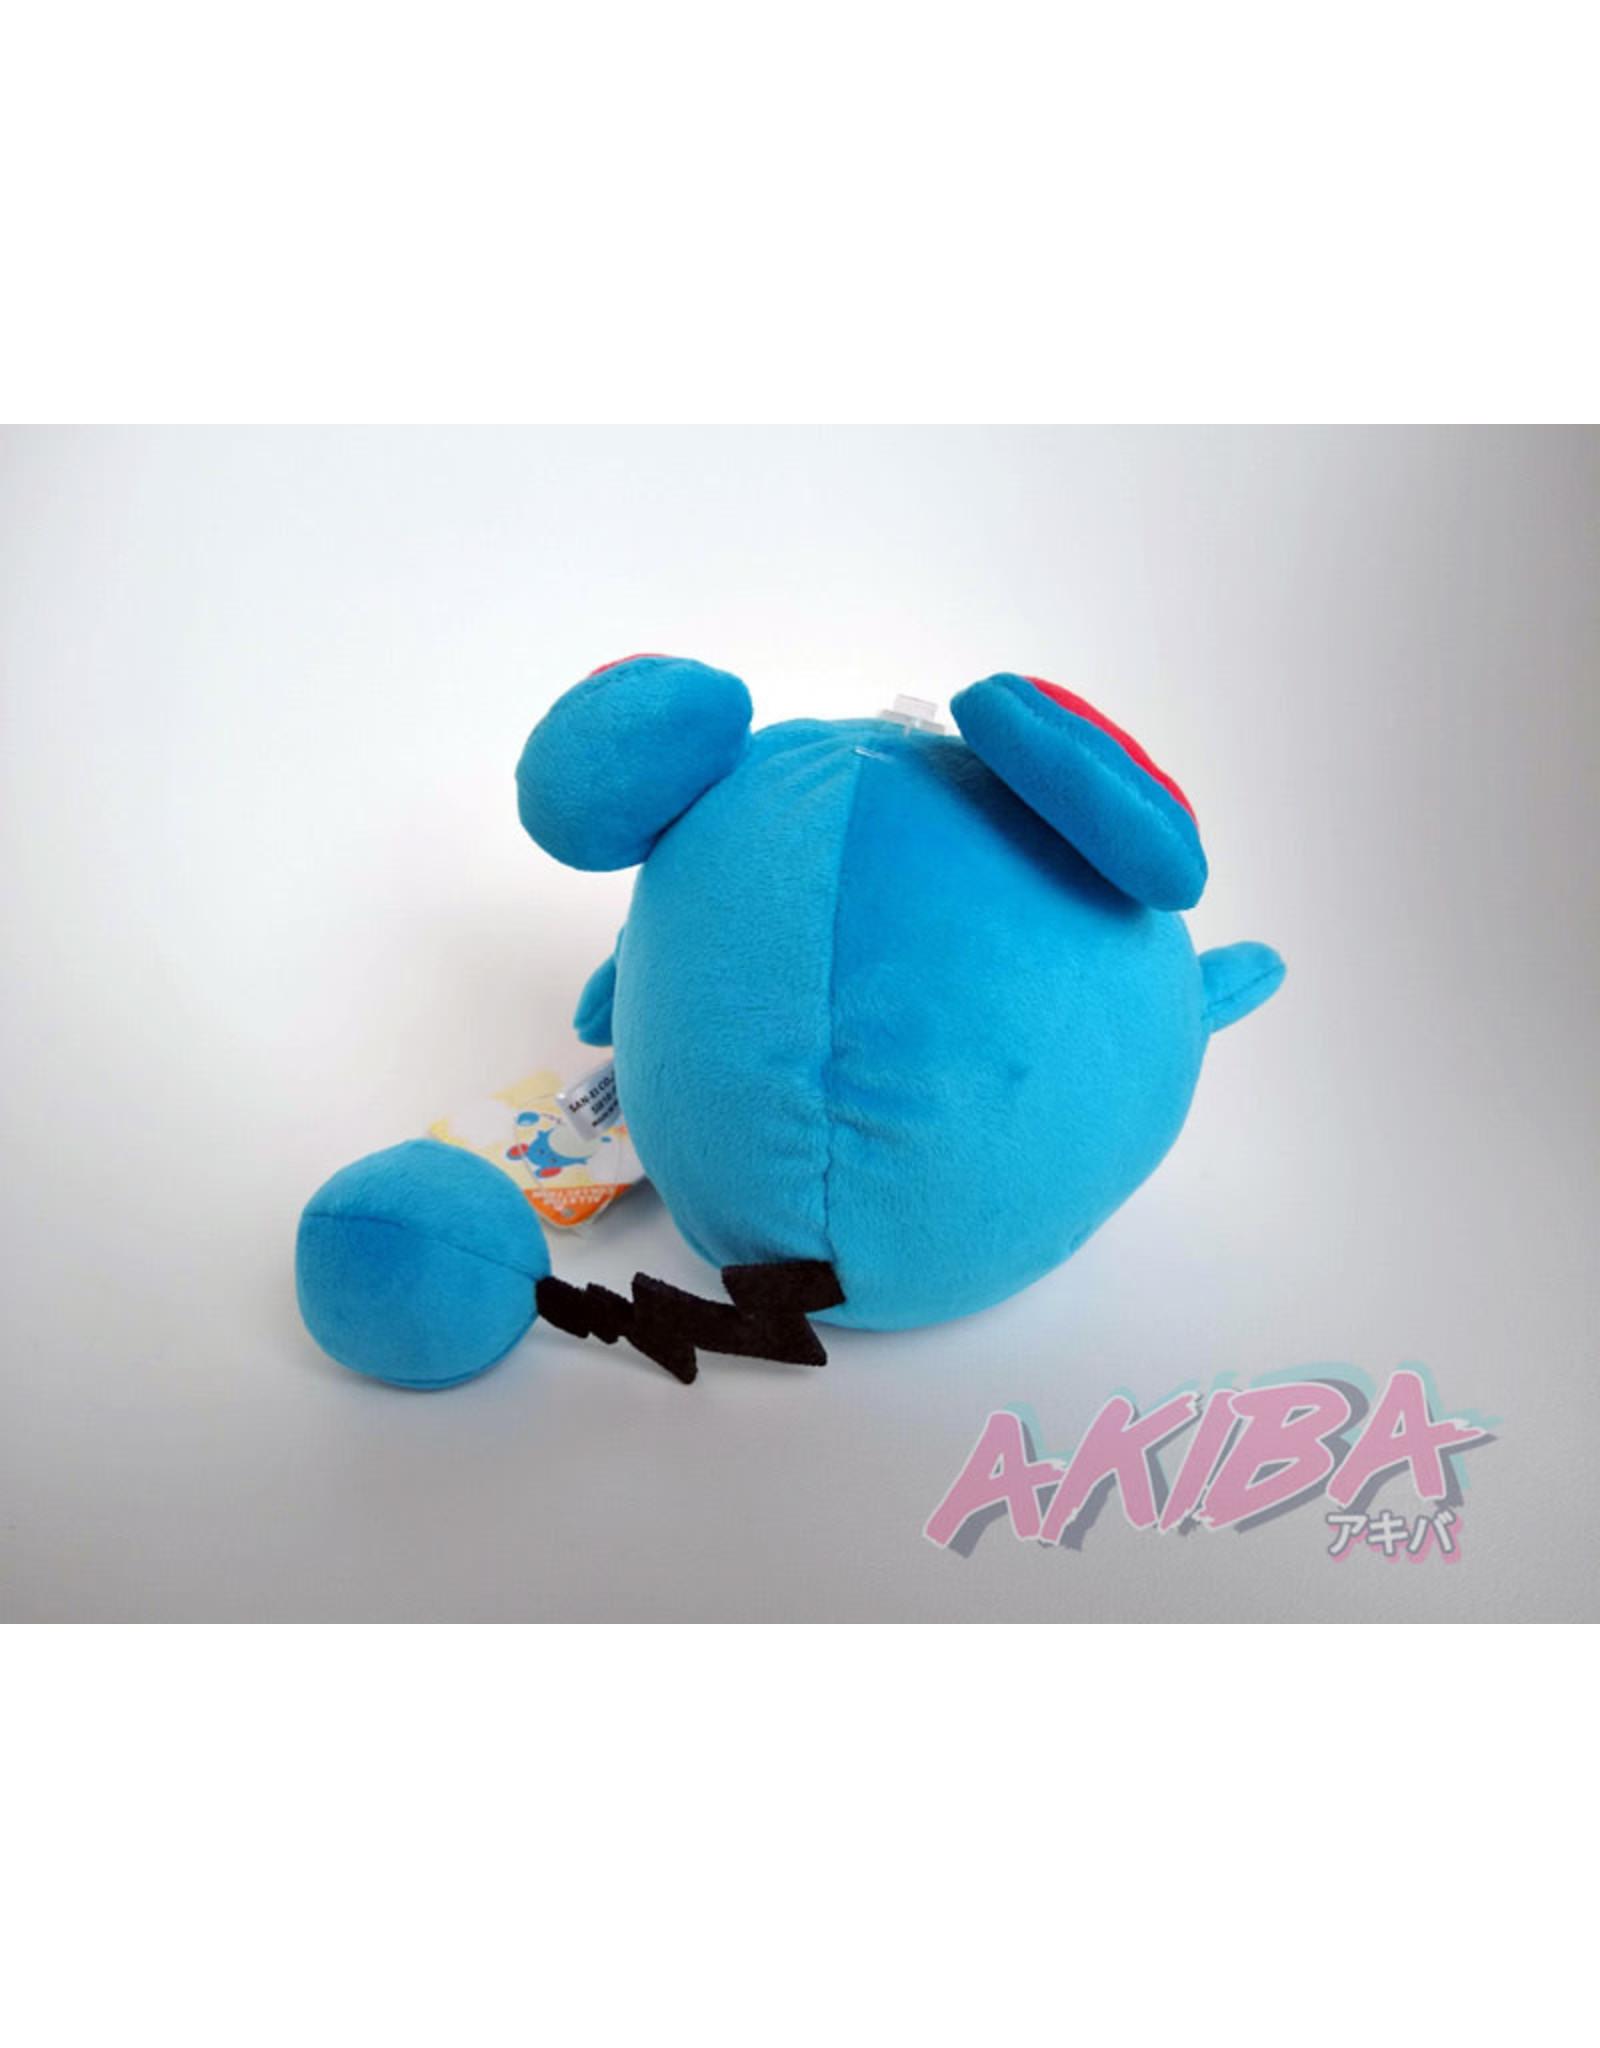 Marill - Pokemon Plushie - 15cm (Japanese import)